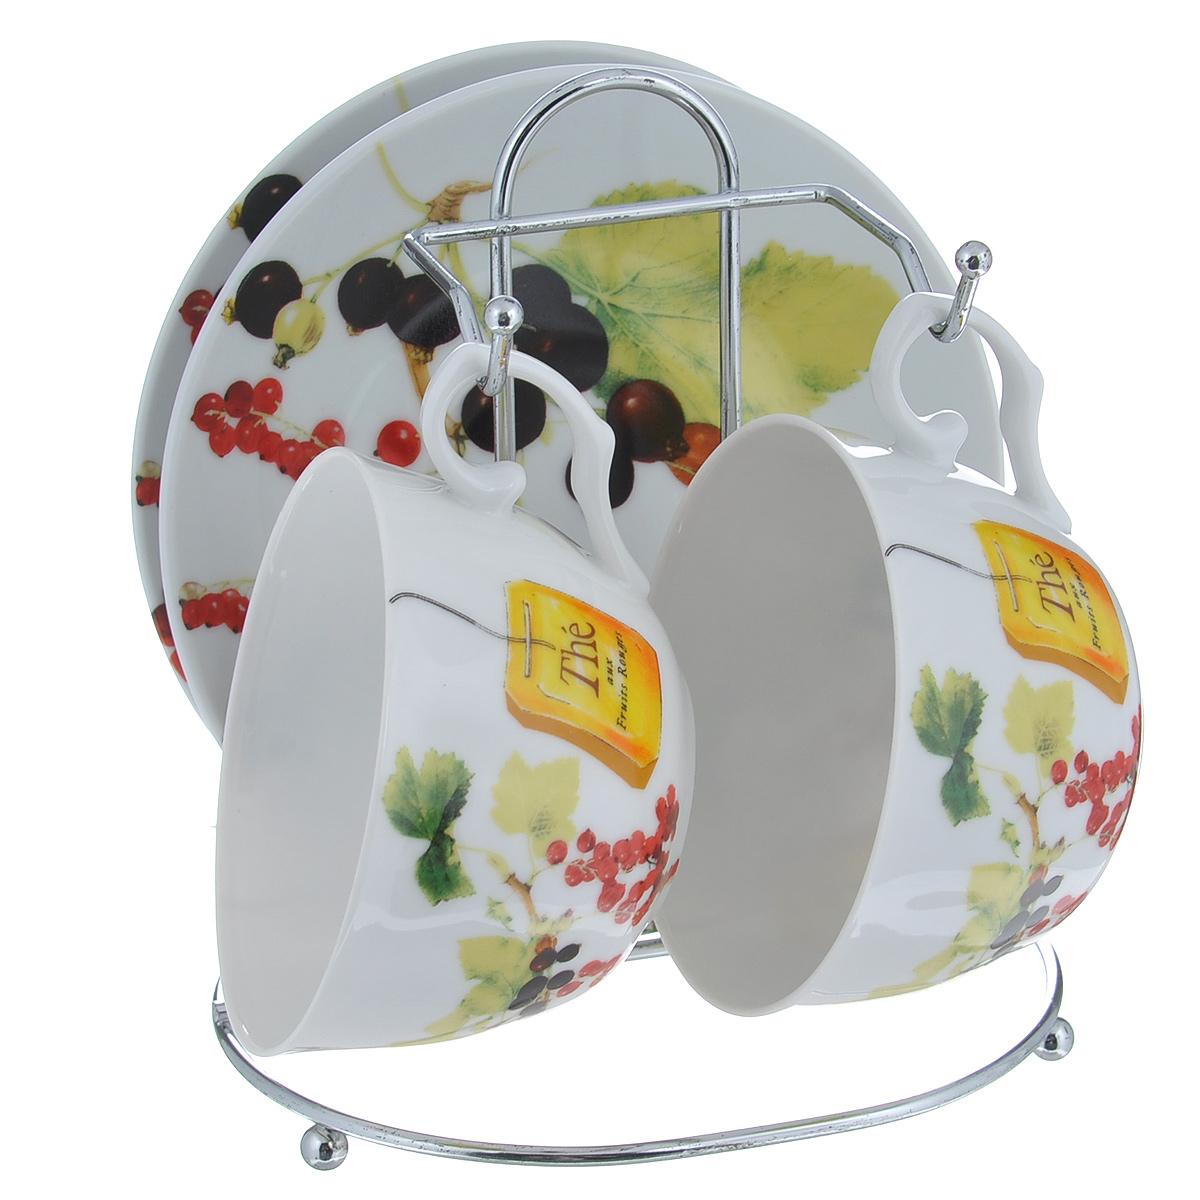 Набор чайный Larange Смородина, 5 предметов586-263Чайный набор Смородина состоит из двух чашек и двух блюдец. Предметы набора изготовлены из высококачественного фарфора и оформлены изображением ягод красной и черной смородины. Чашки и блюдца располагаются на удобной металлической подставке. Элегантный дизайн чайного набора придется по вкусу и ценителям классики, и тем, кто предпочитает утонченность и изысканность. Он настроит на позитивный лад и подарит хорошее настроение с самого утра. Не использовать в микроволновой печи. Не применять абразивные чистящие вещества. Объем чашки: 250 мл. Диаметр чашки по верхнему краю: 9,5 см. Высота чашки: 6 см. Диаметр блюдца: 14,5 см. Размер подставки: 14 см х 12 см х 16 см.